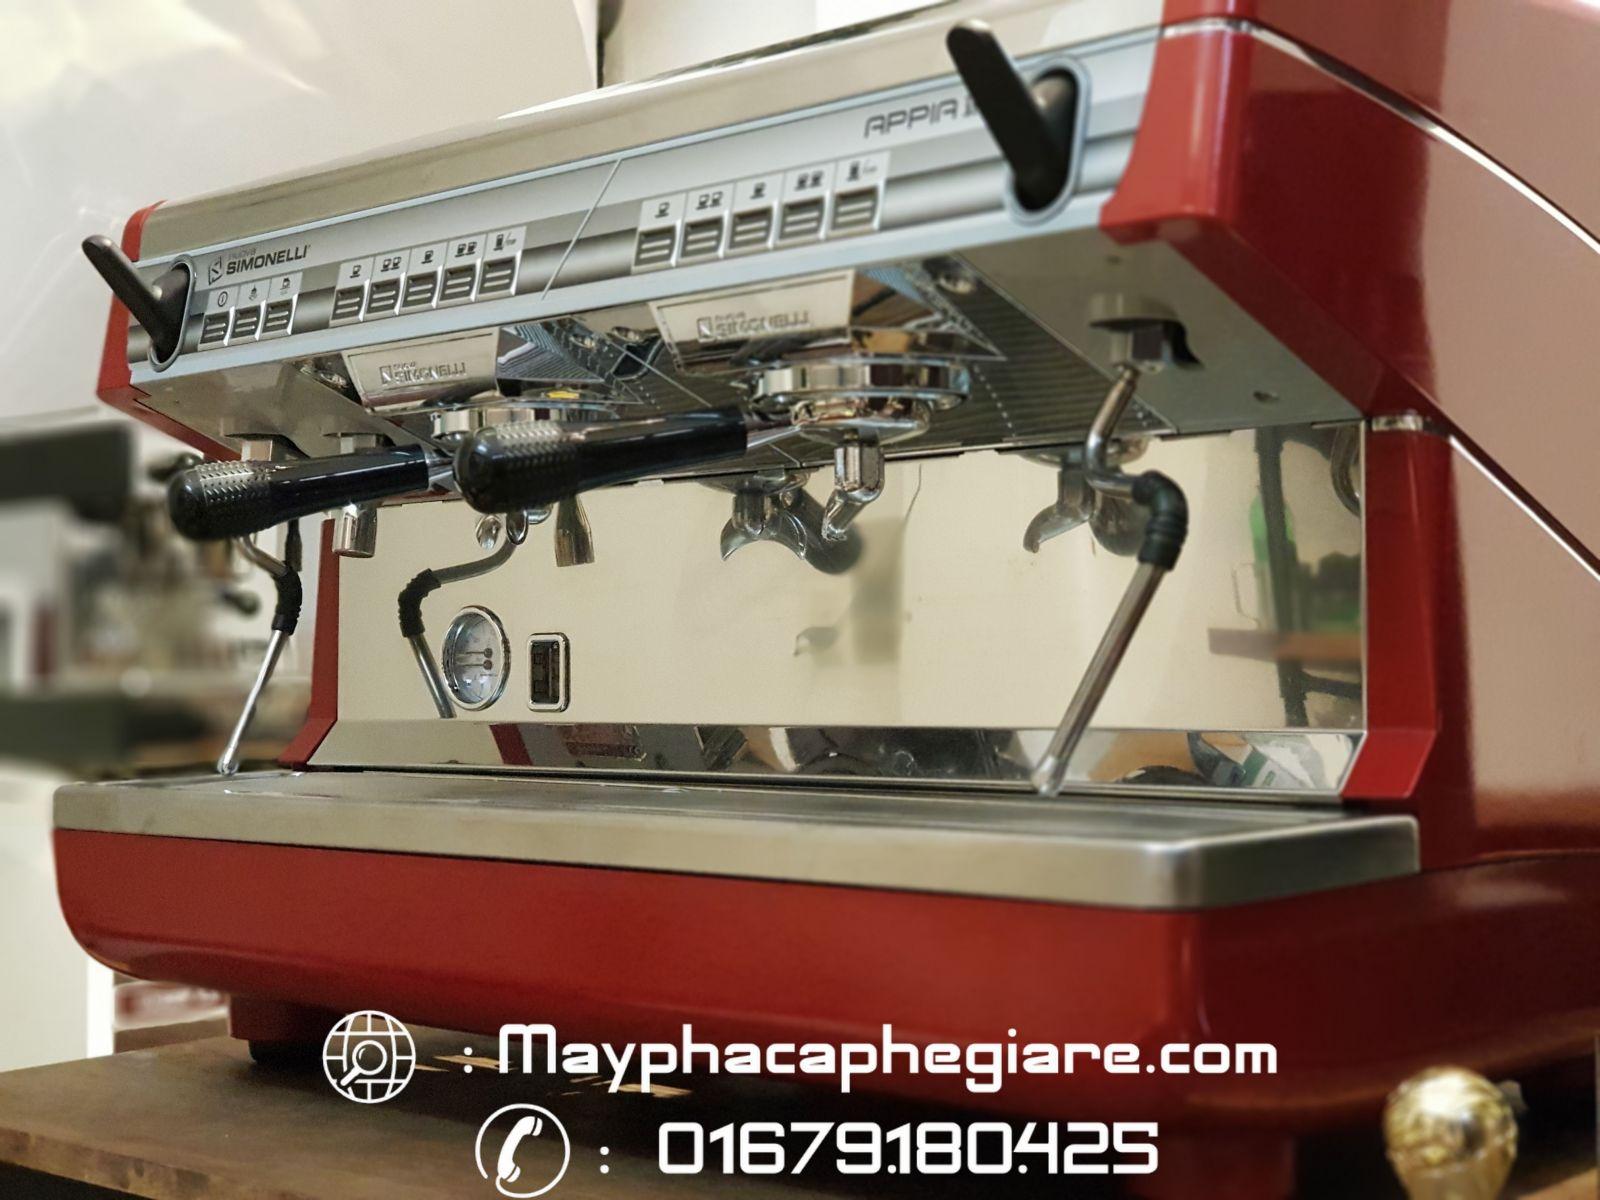 máy pha cà phê tự động simonelli